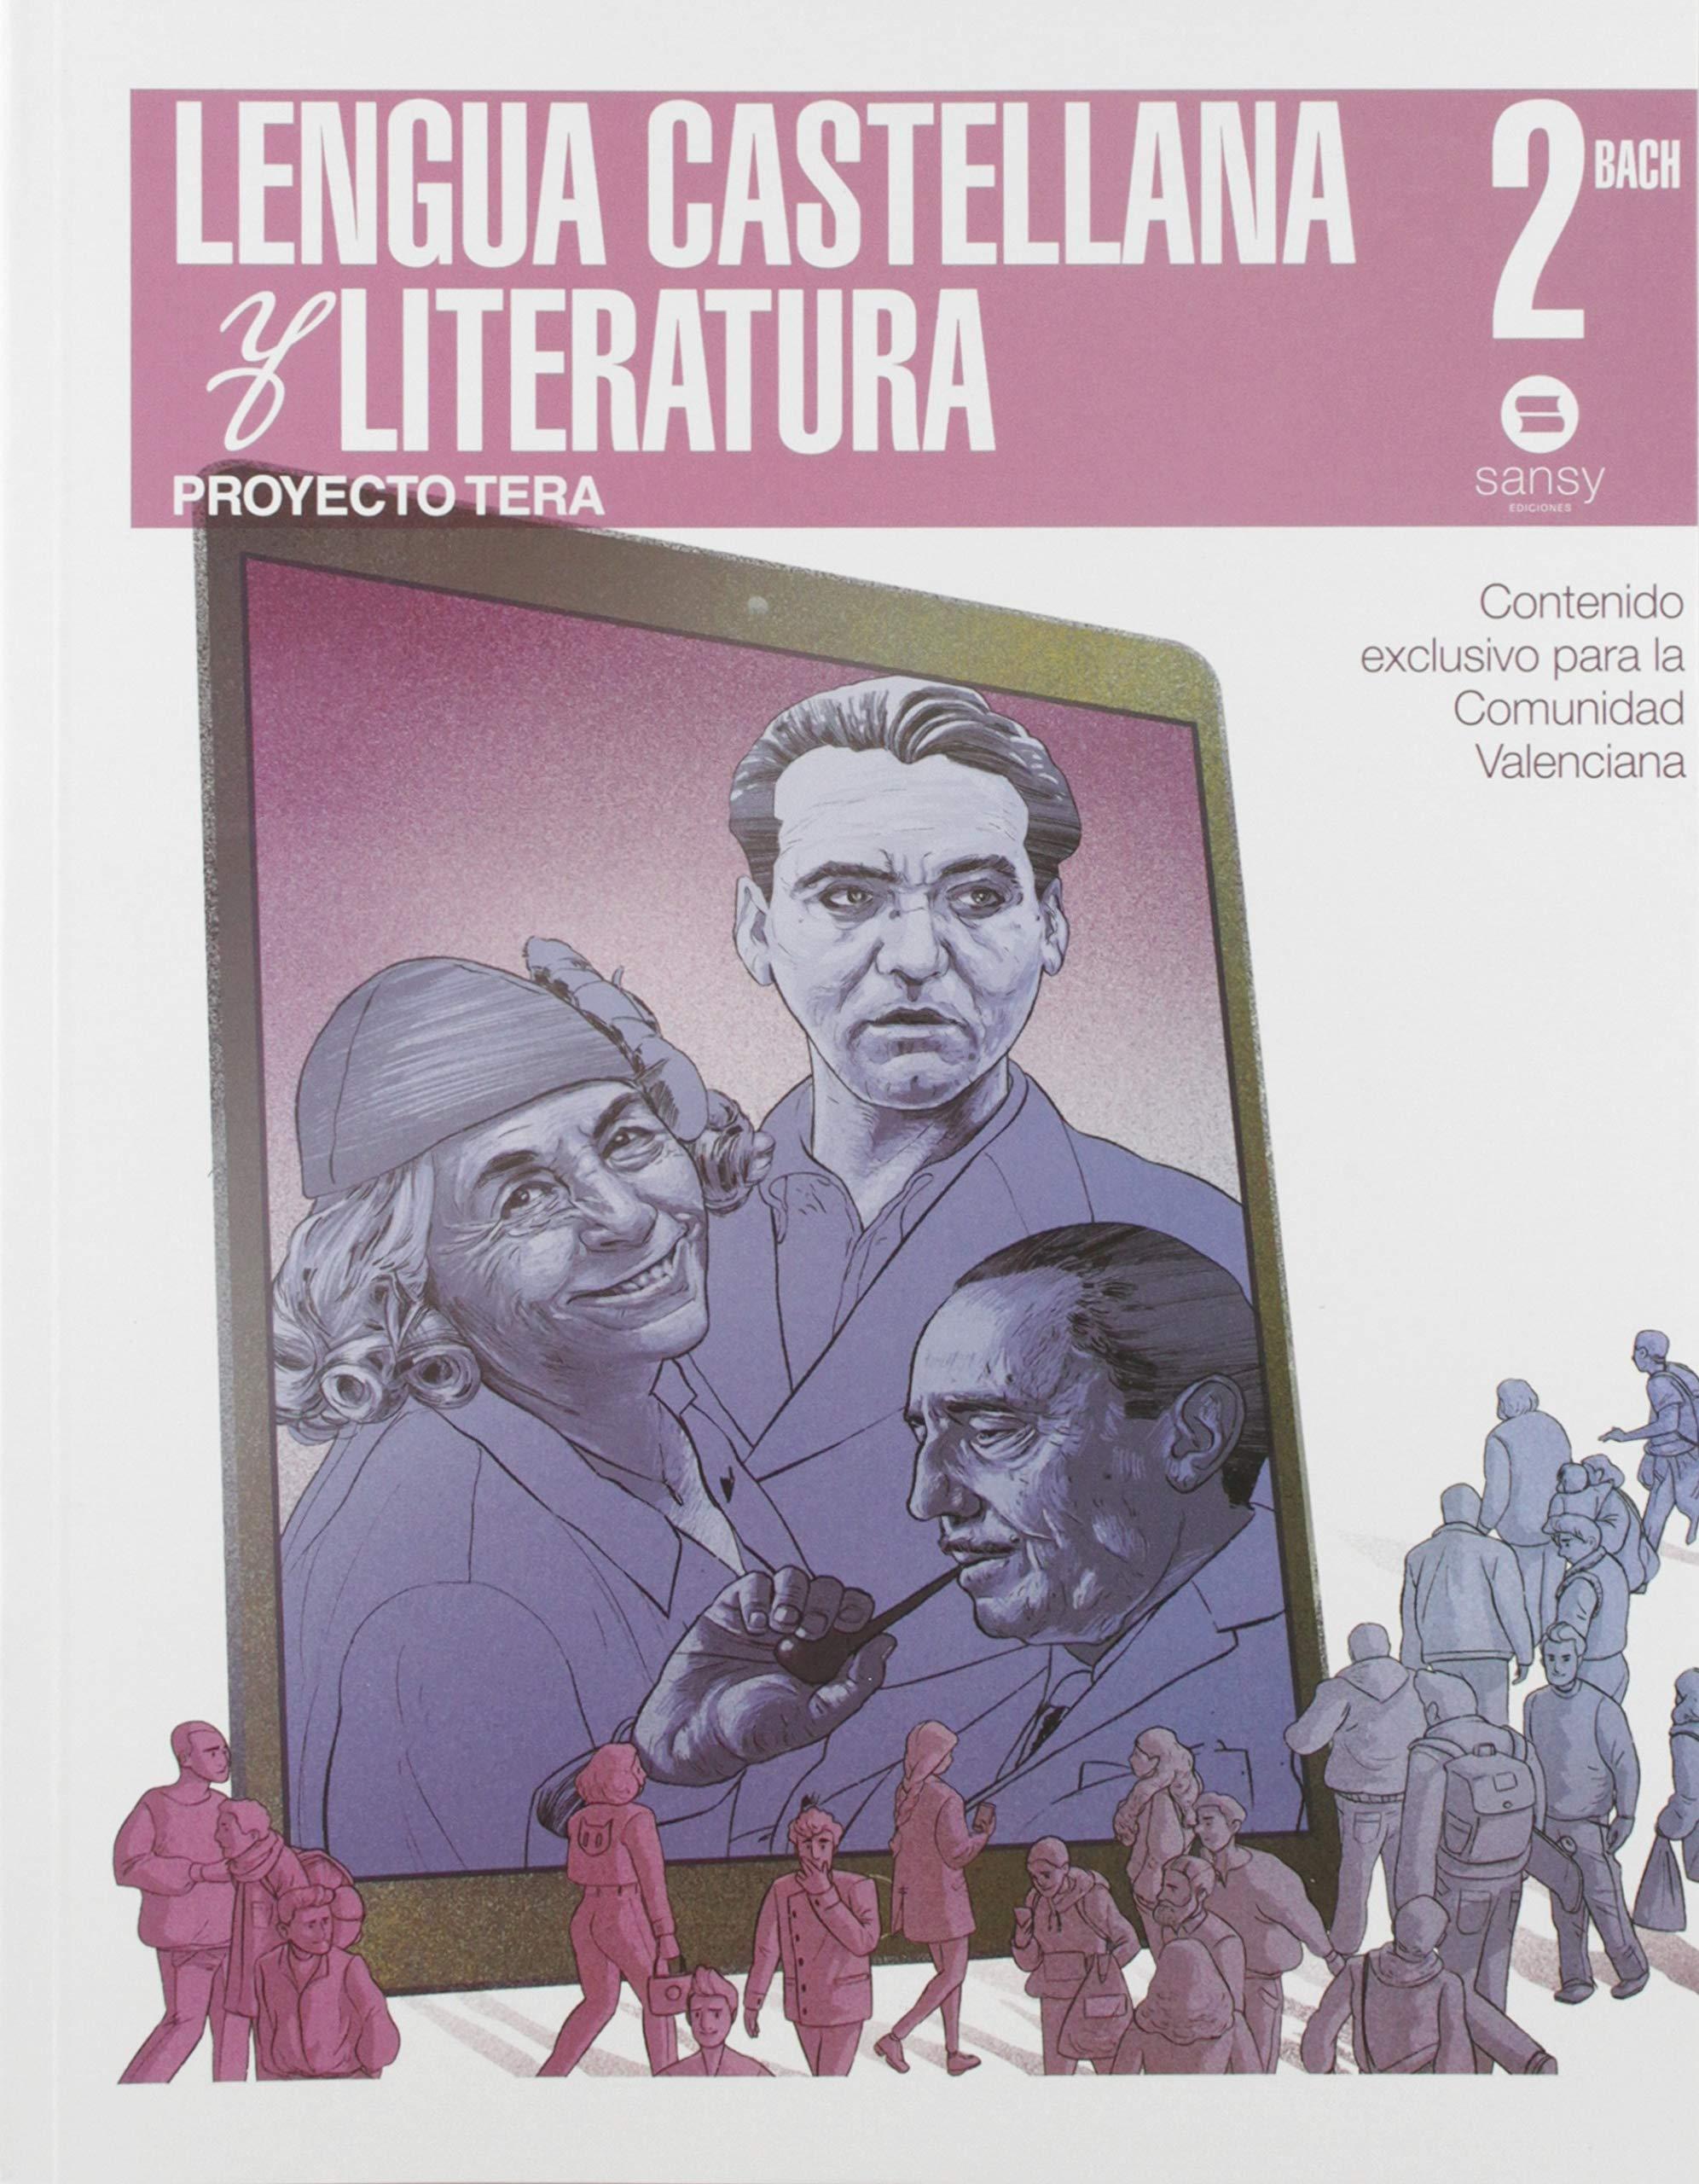 LENGUA CASTELLANA Y LITERATURA 2º BACH TERA: Amazon.es: RICOS VIDAL, AMPARO, SANCHEZ PINILLA, FRANCISCA, ANTONIO MILLÓN, JUAN, PERÉZ LEAL, AGUSTÍN, TORREGROSA RAMÓN, JUAN: Libros